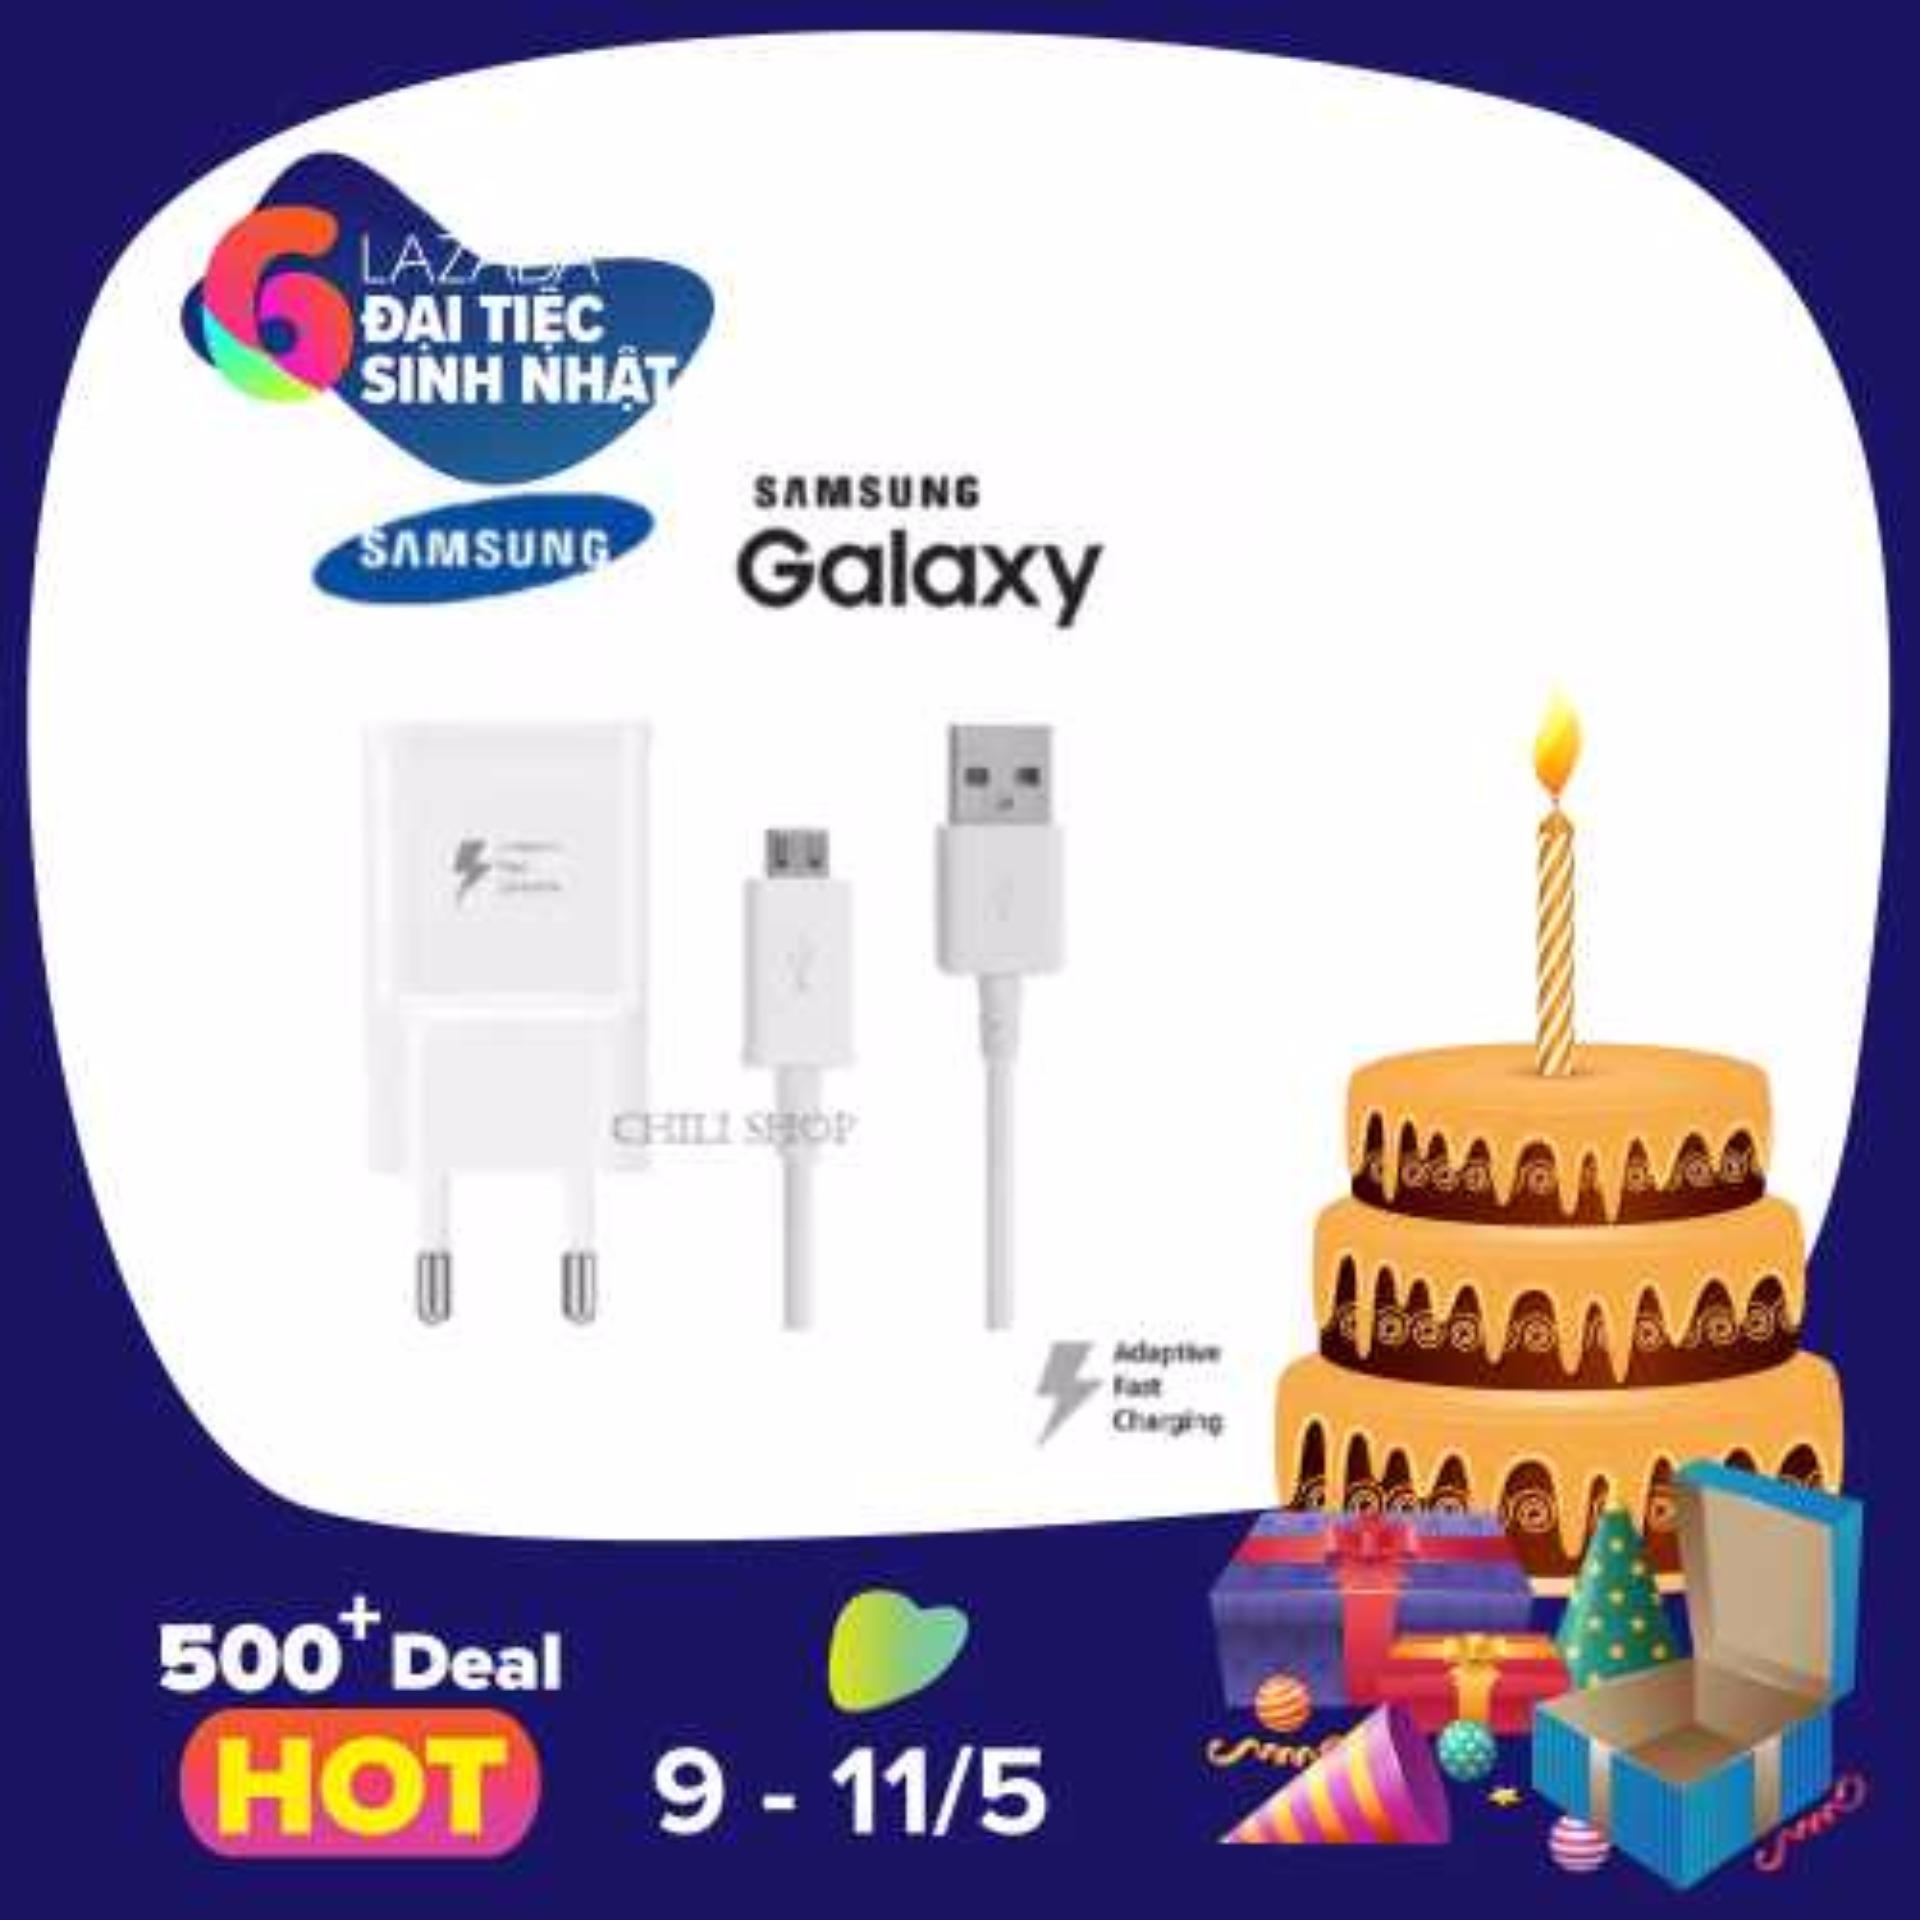 Bộ Củ Cốc Day Cap Sạc Nhanh Samsung Galaxy A9 Pro Trắng Rẻ